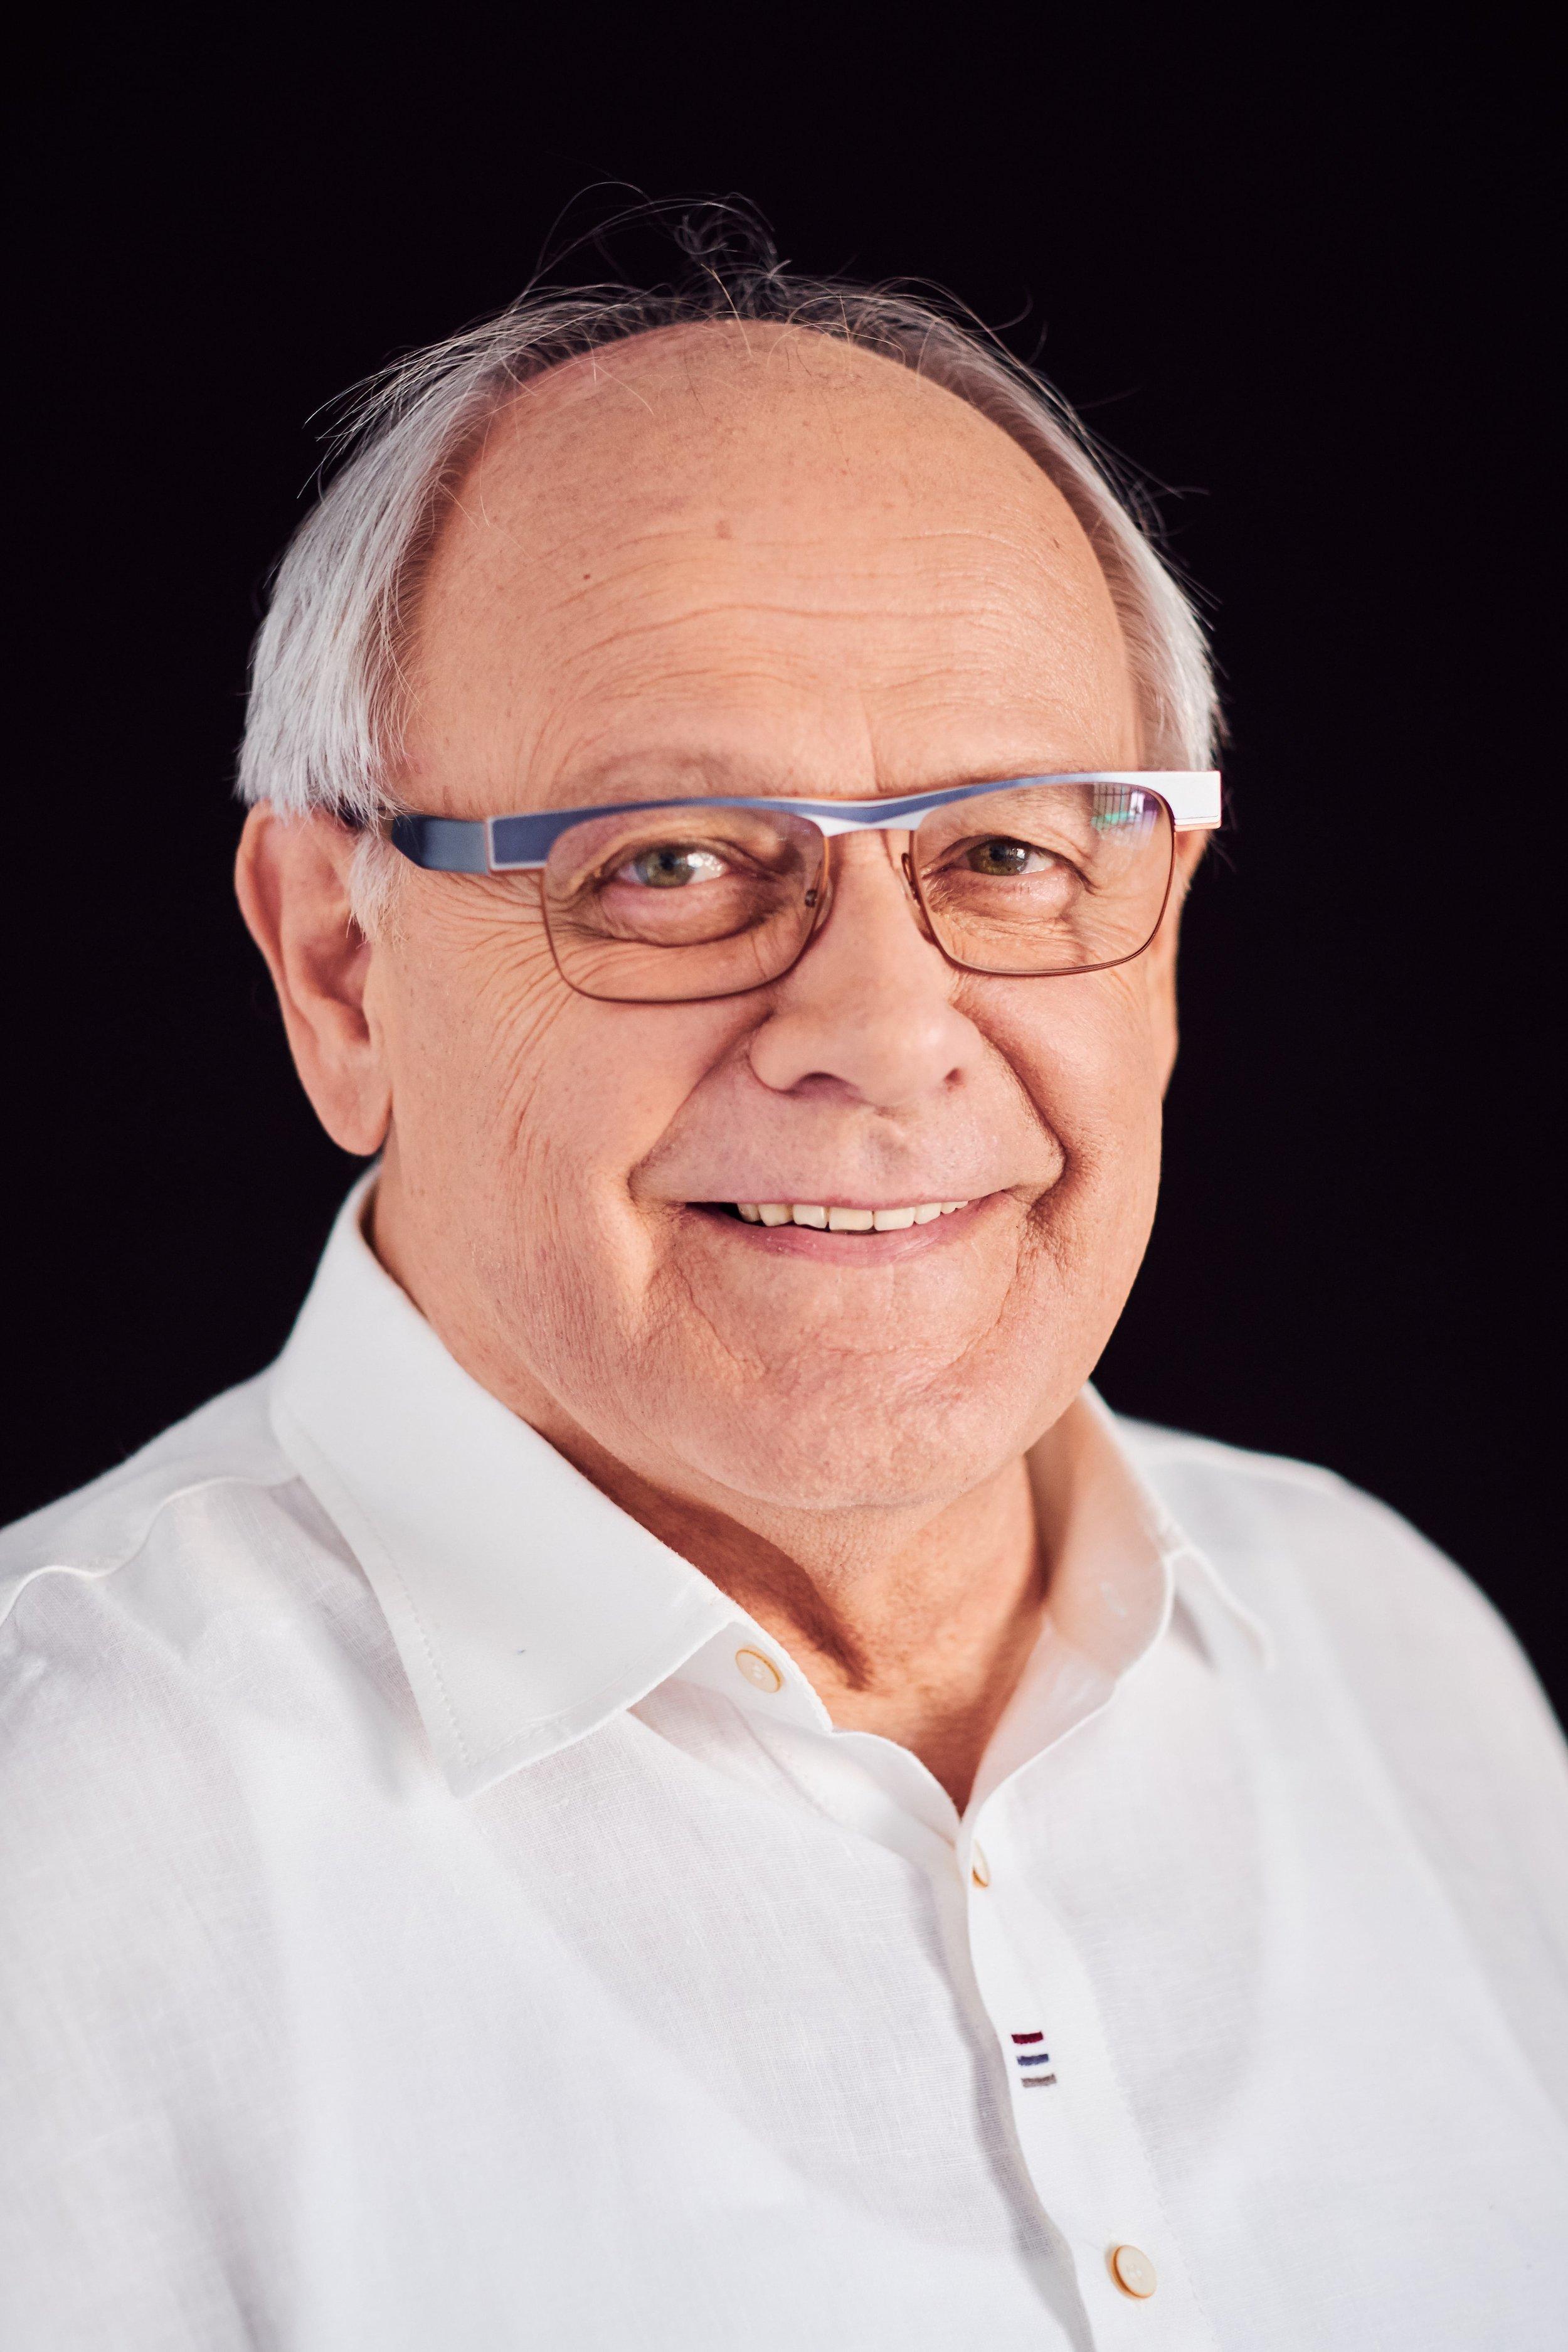 Peter Eichhorn - Inhaber, Geschäftsführer, Augenoptikermeister